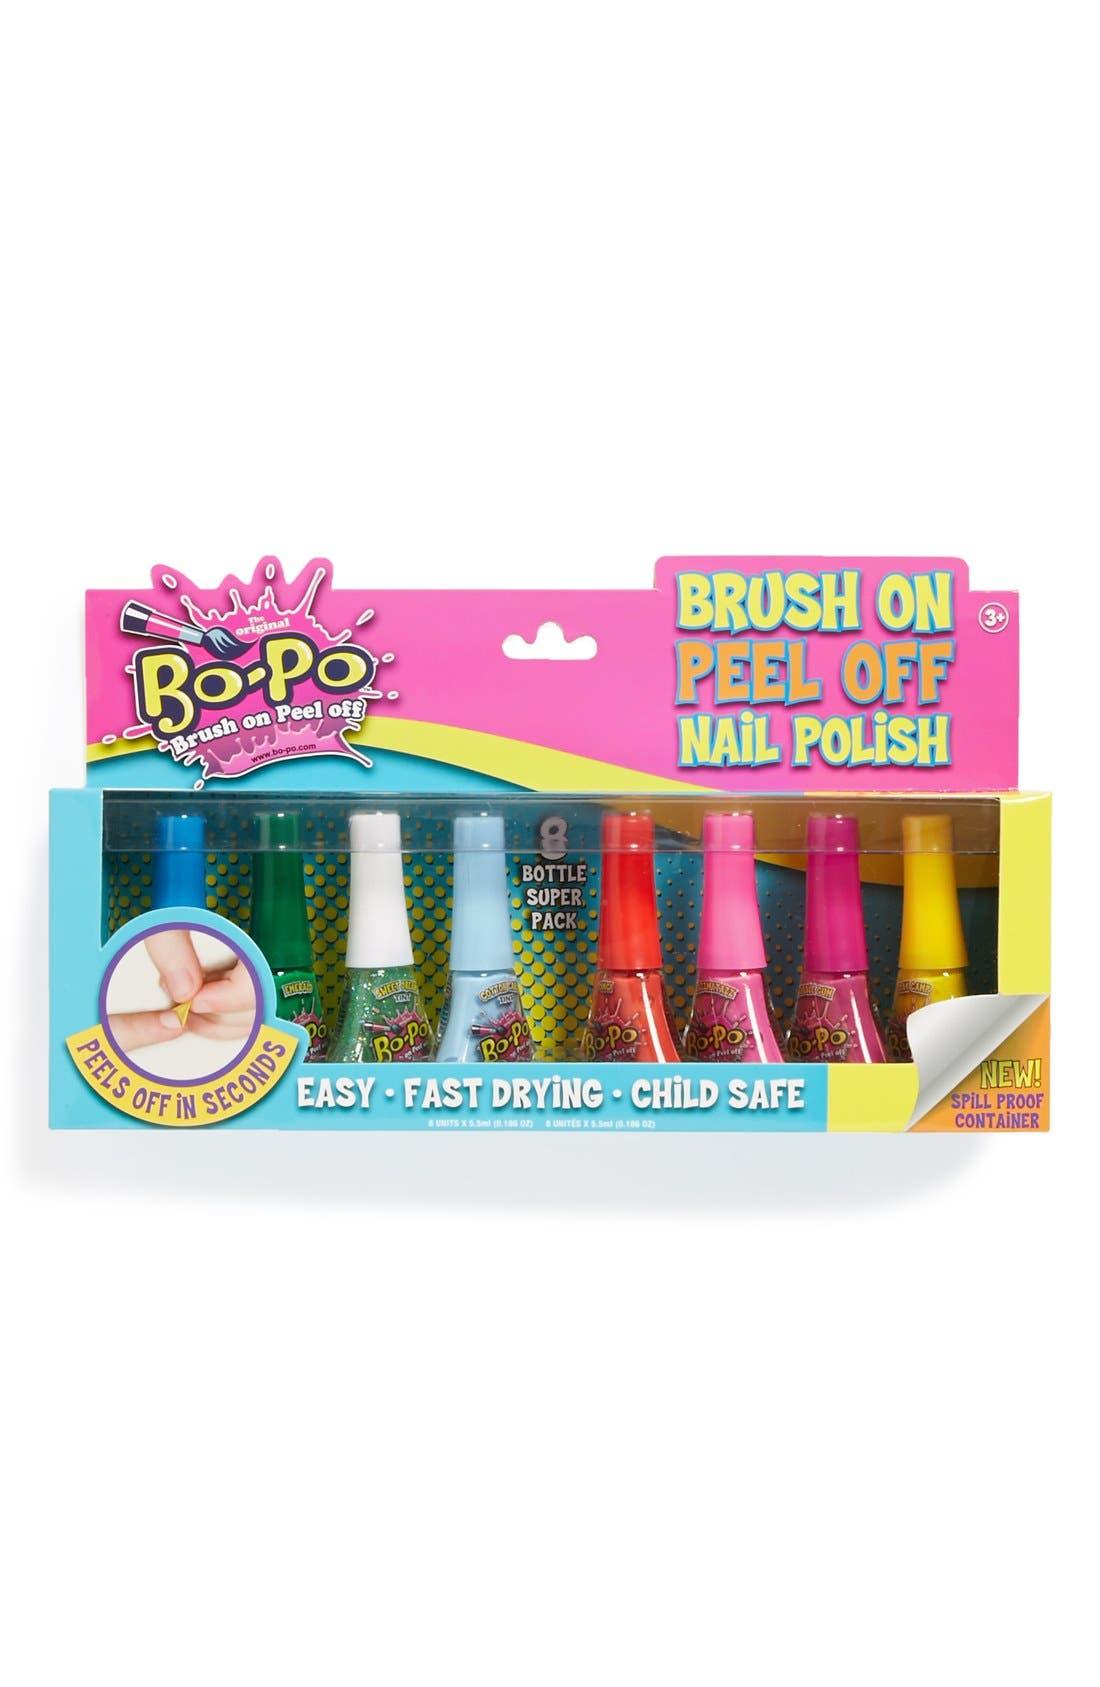 BO-PO Peel Off Nail Polish